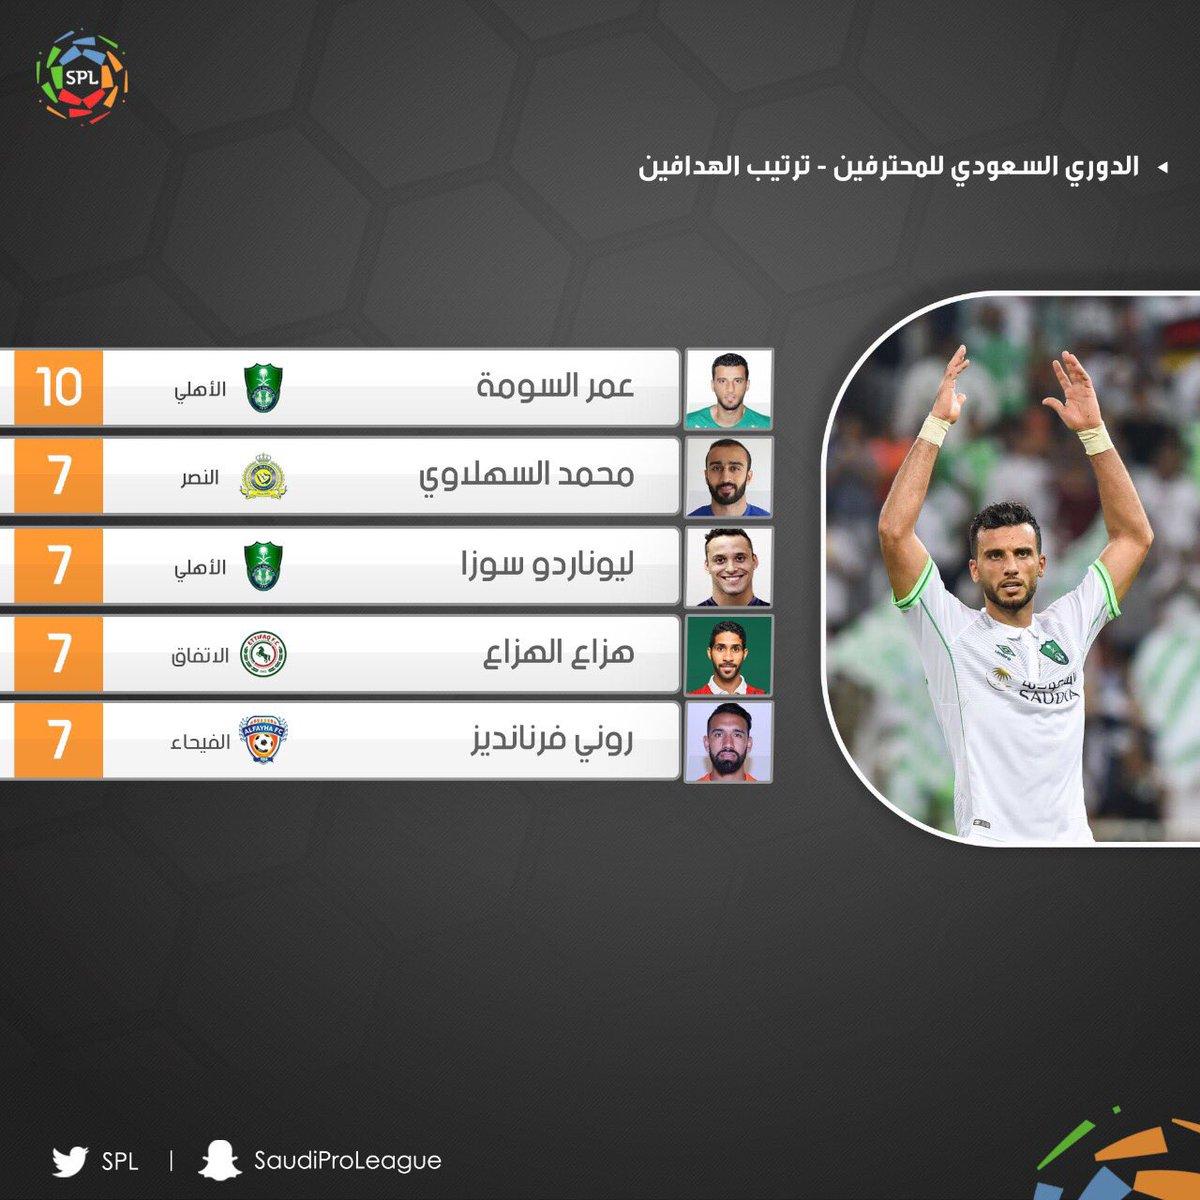 مواعيد مباريات الدوري السعودي القادمة موسم 2017/2018.. ومتابعة ترتيب دوري جميل الآن